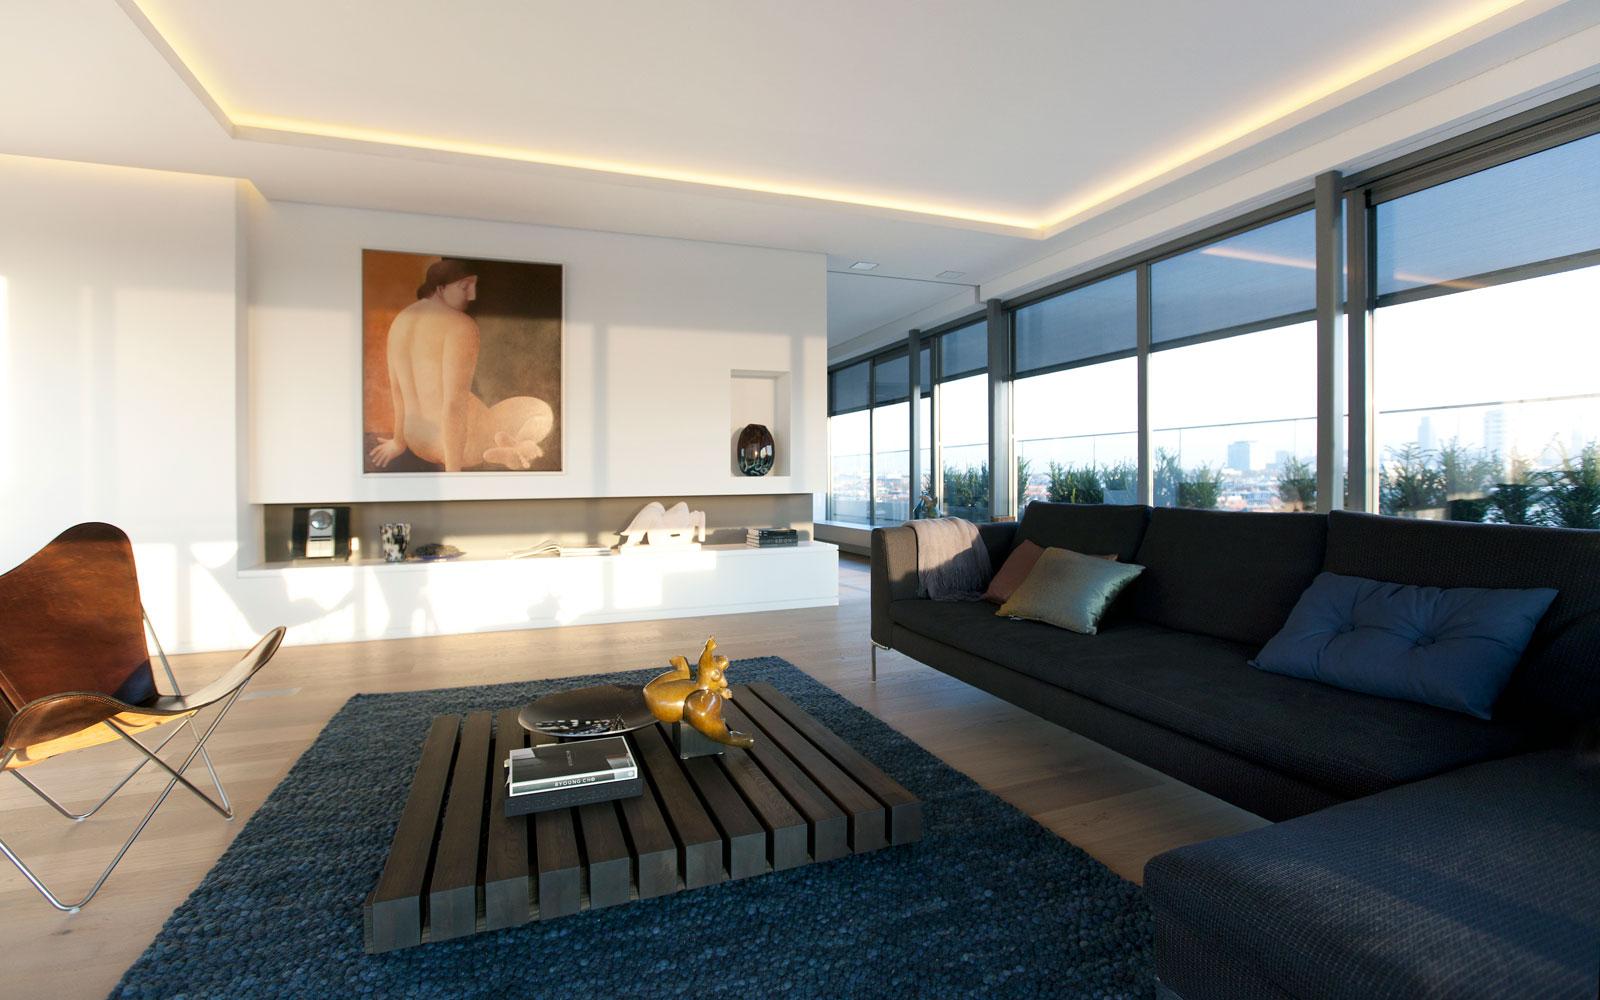 Woonkamer, zicht op de stad, houten vloer door Bruynzeel Home Center, Penthouse Den Haag, Marco van Zal